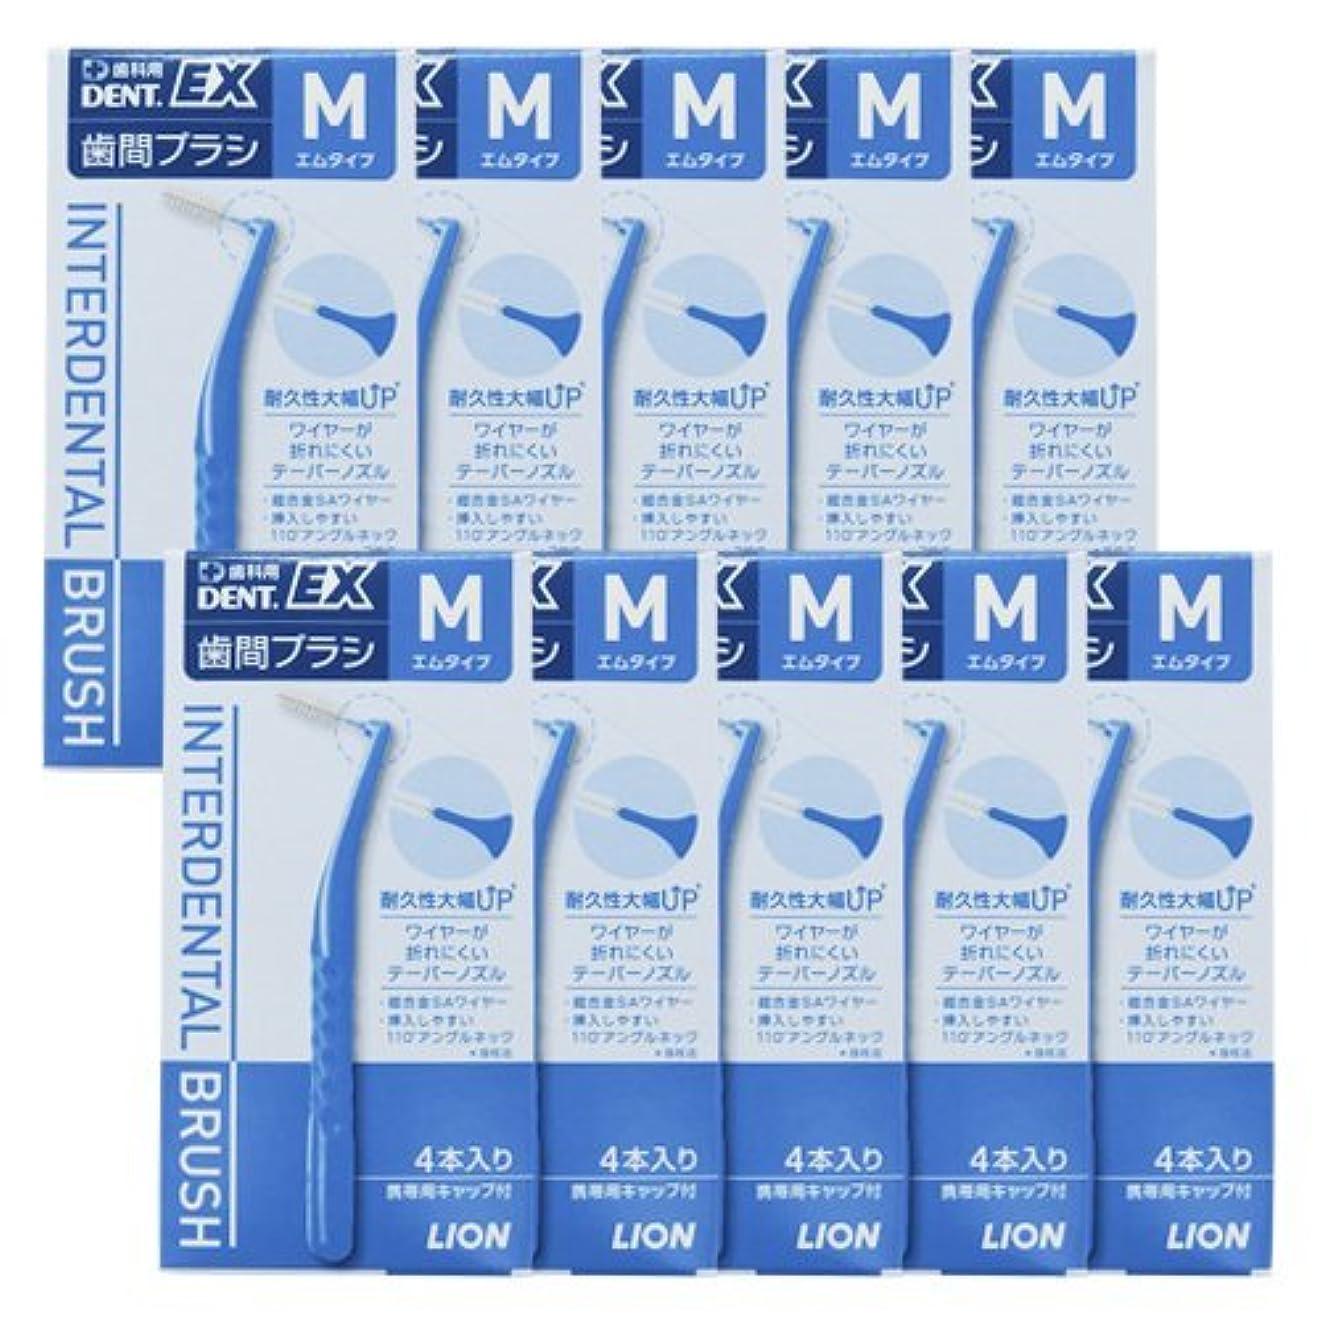 ナビゲーション宿題をするシリーズライオン DENT . EX 歯間ブラシ 4本入 × 10個 M ブルー